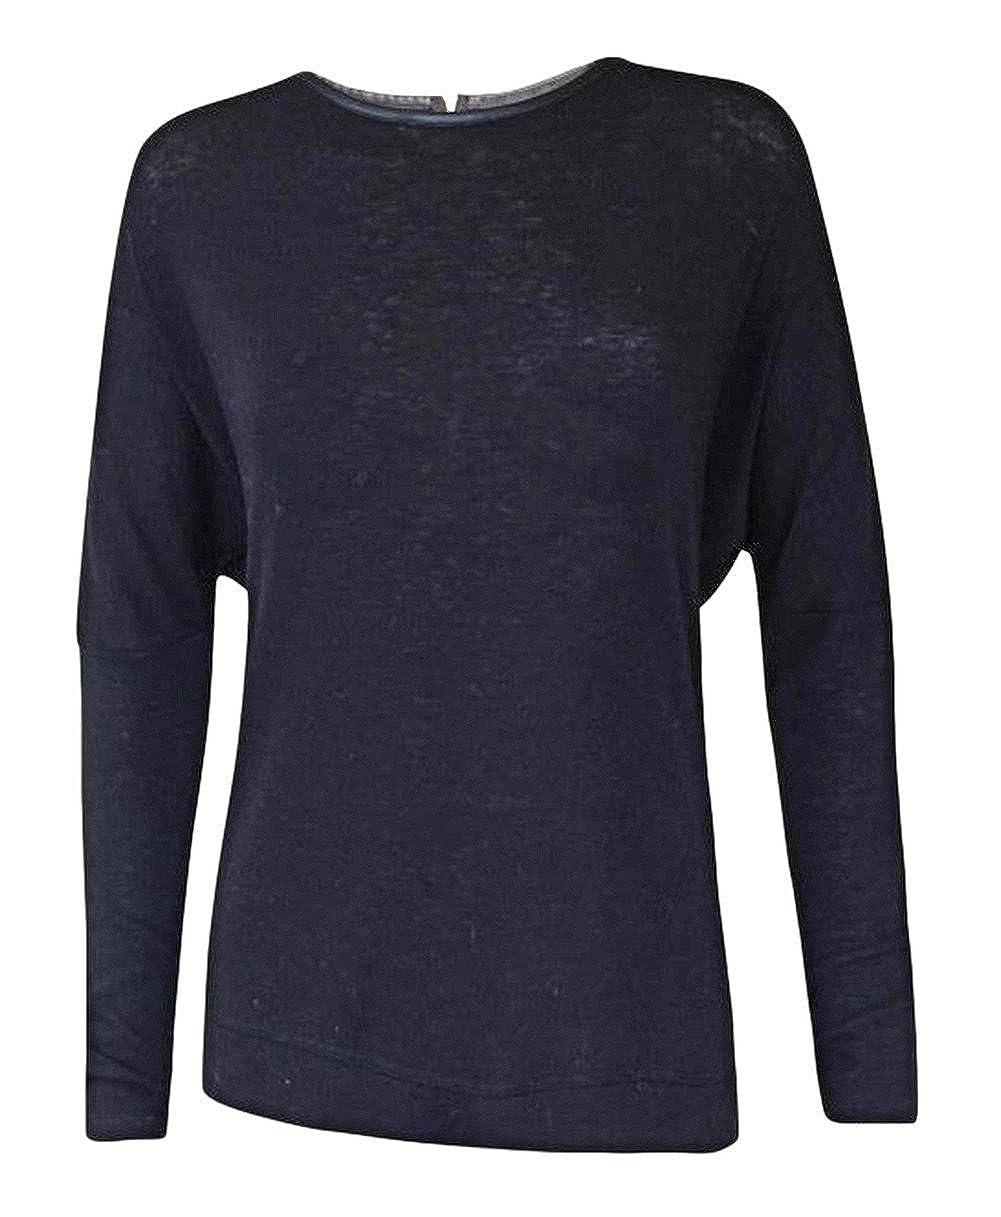 9f823e97fa1d67 Primark Mens T Shirt Size Guide - DREAMWORKS